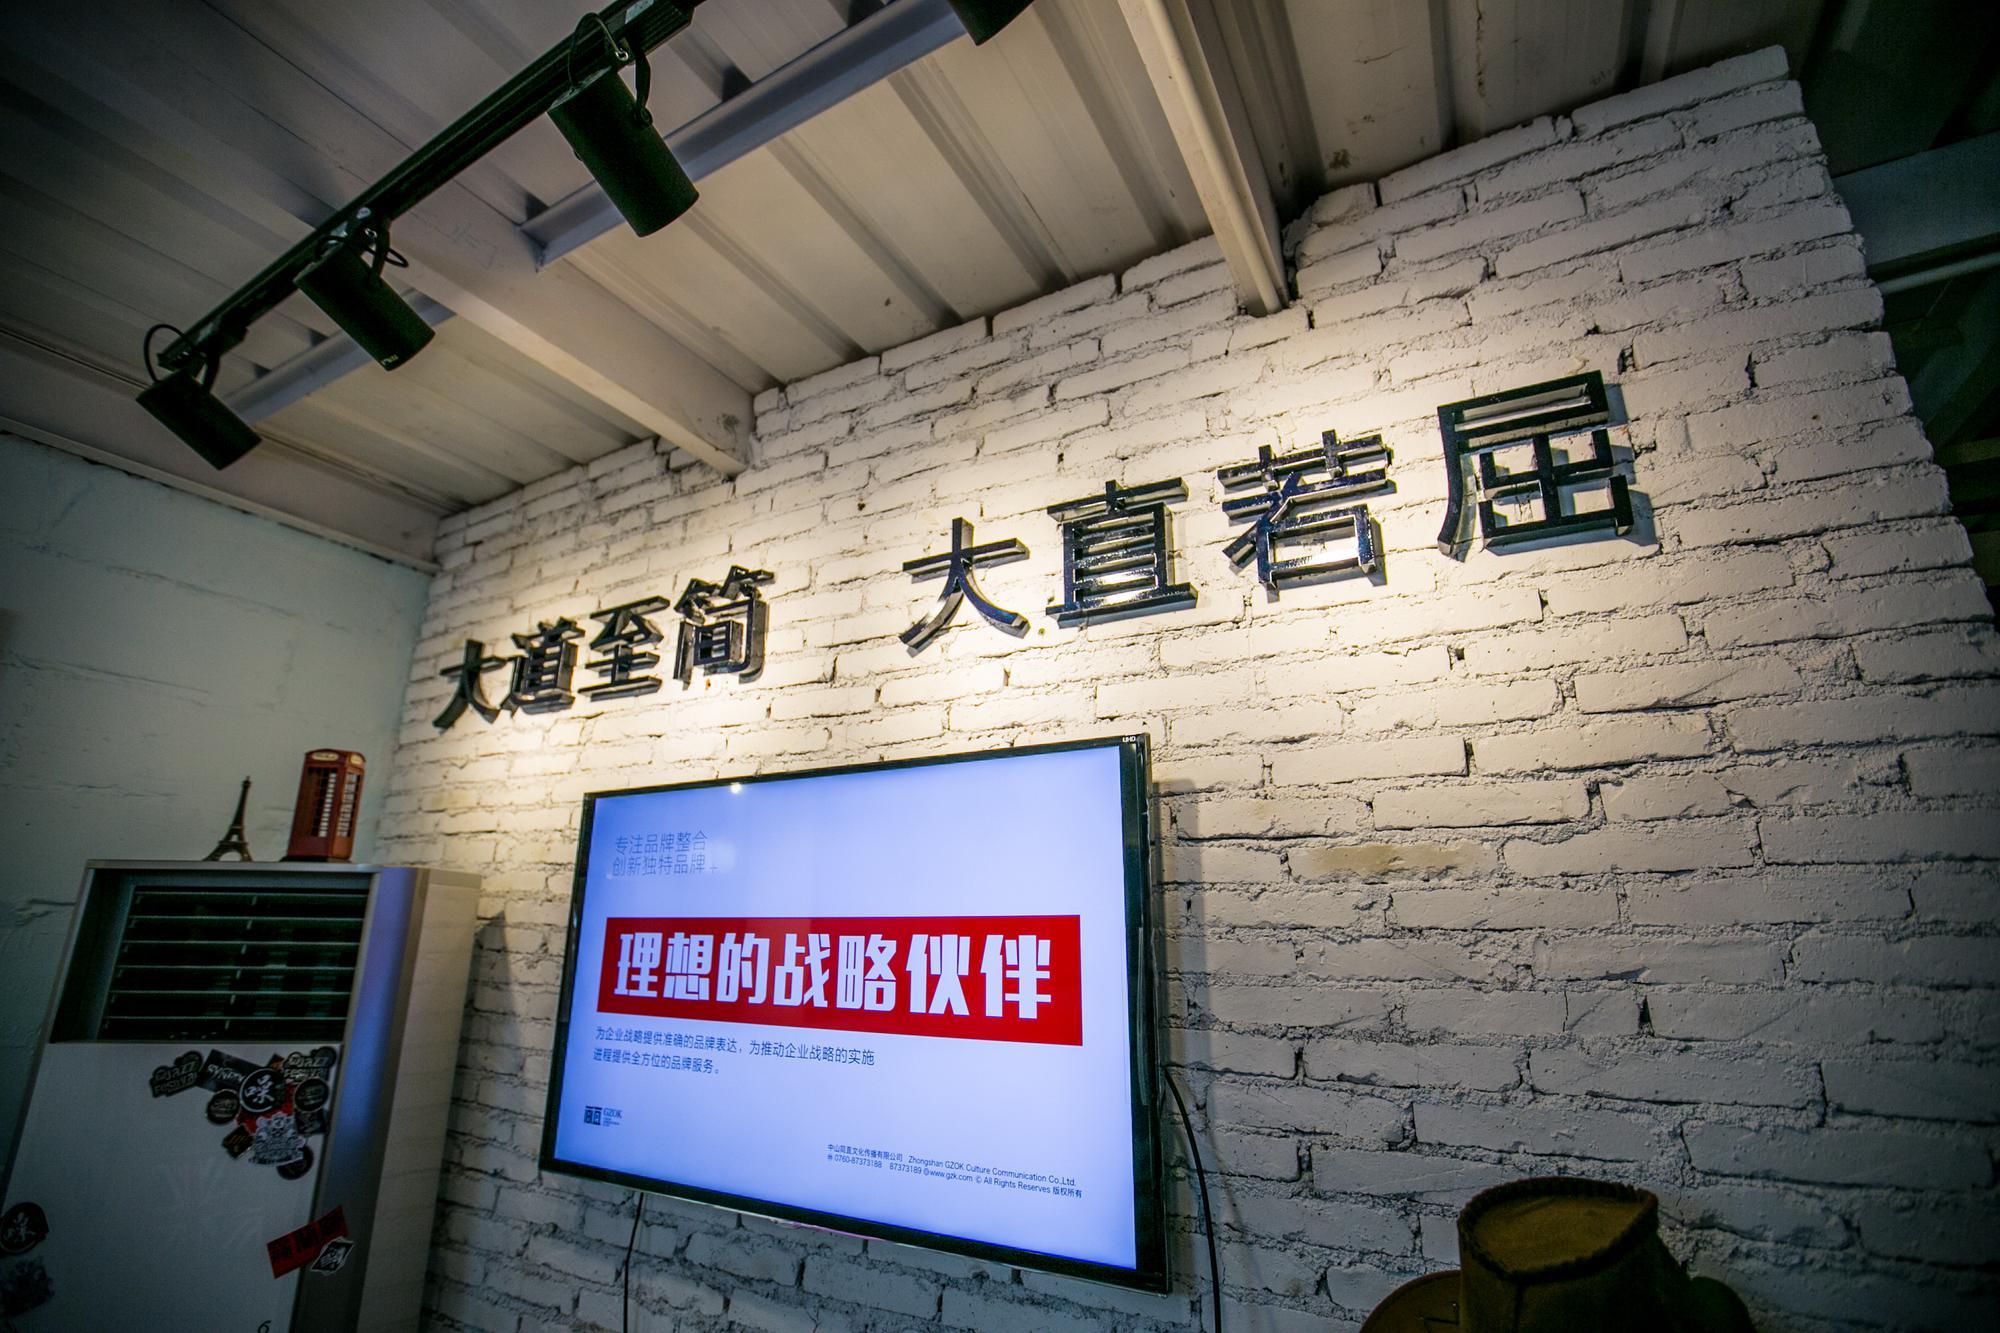 中山简直文化传播有限公司_才通国际人才网_job001.cn